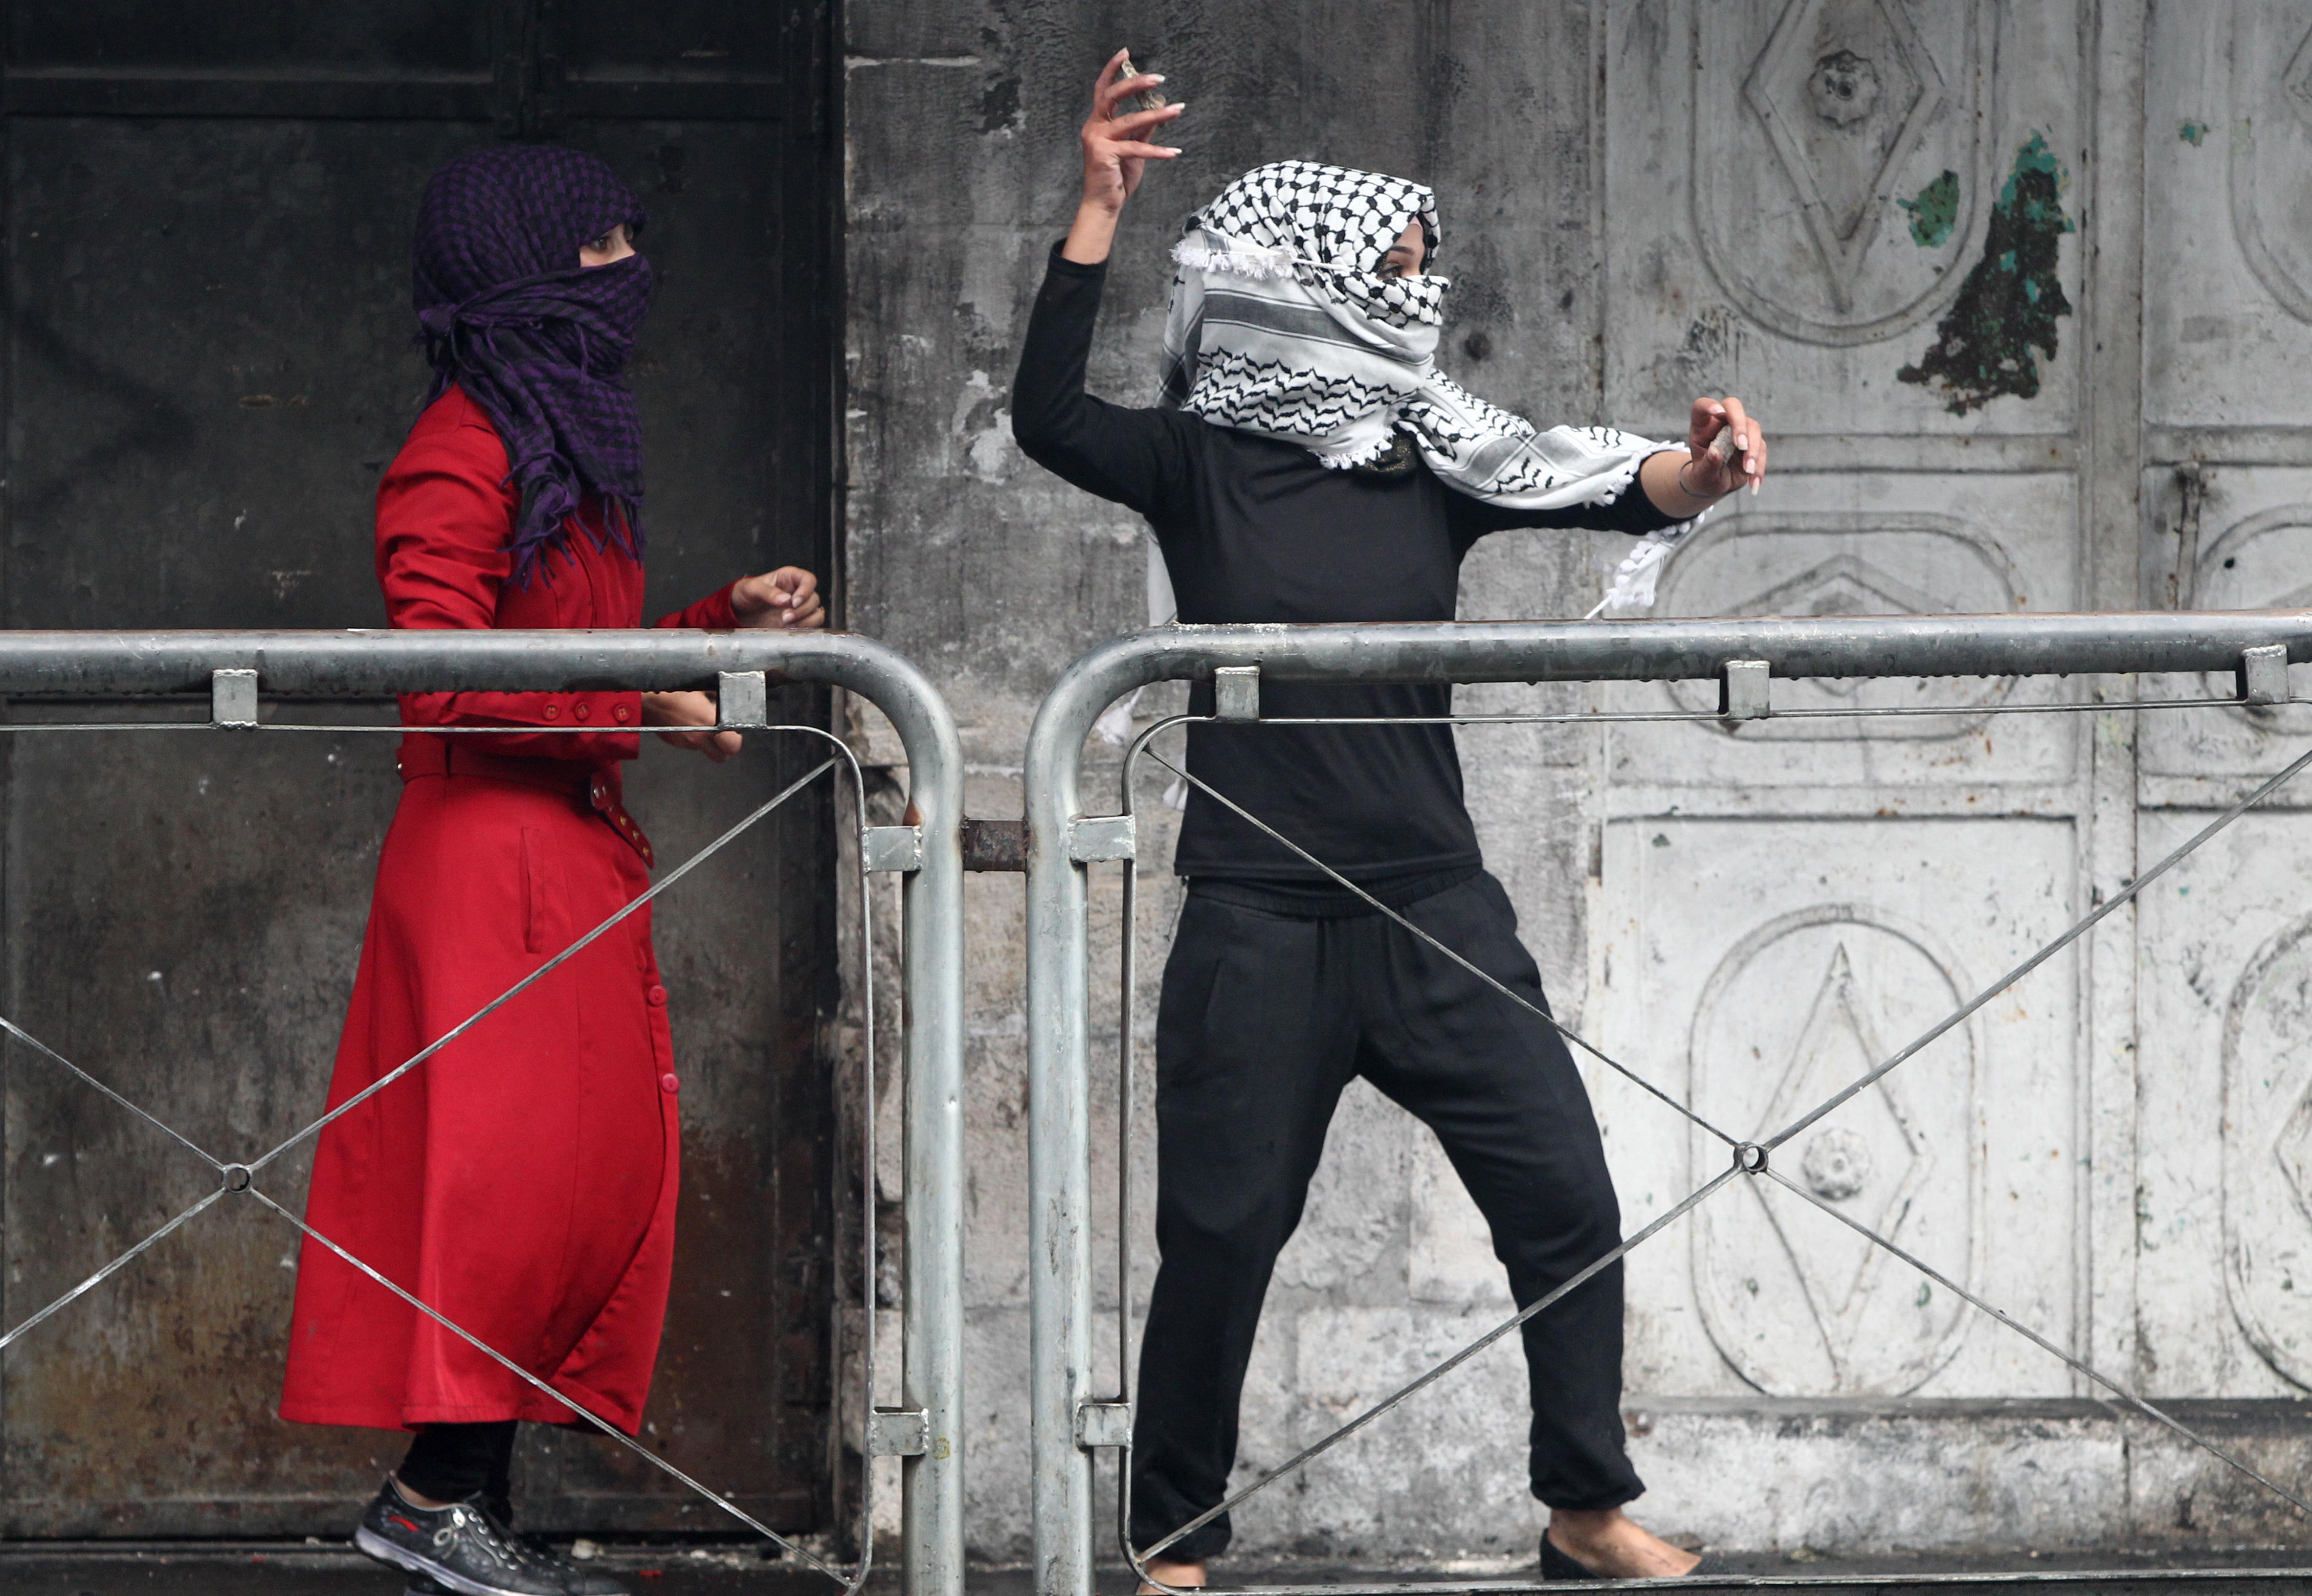 فلسطينيتان خلال مواجهات بين فلسطينيين والجيش الإسرائيلي في الخليل